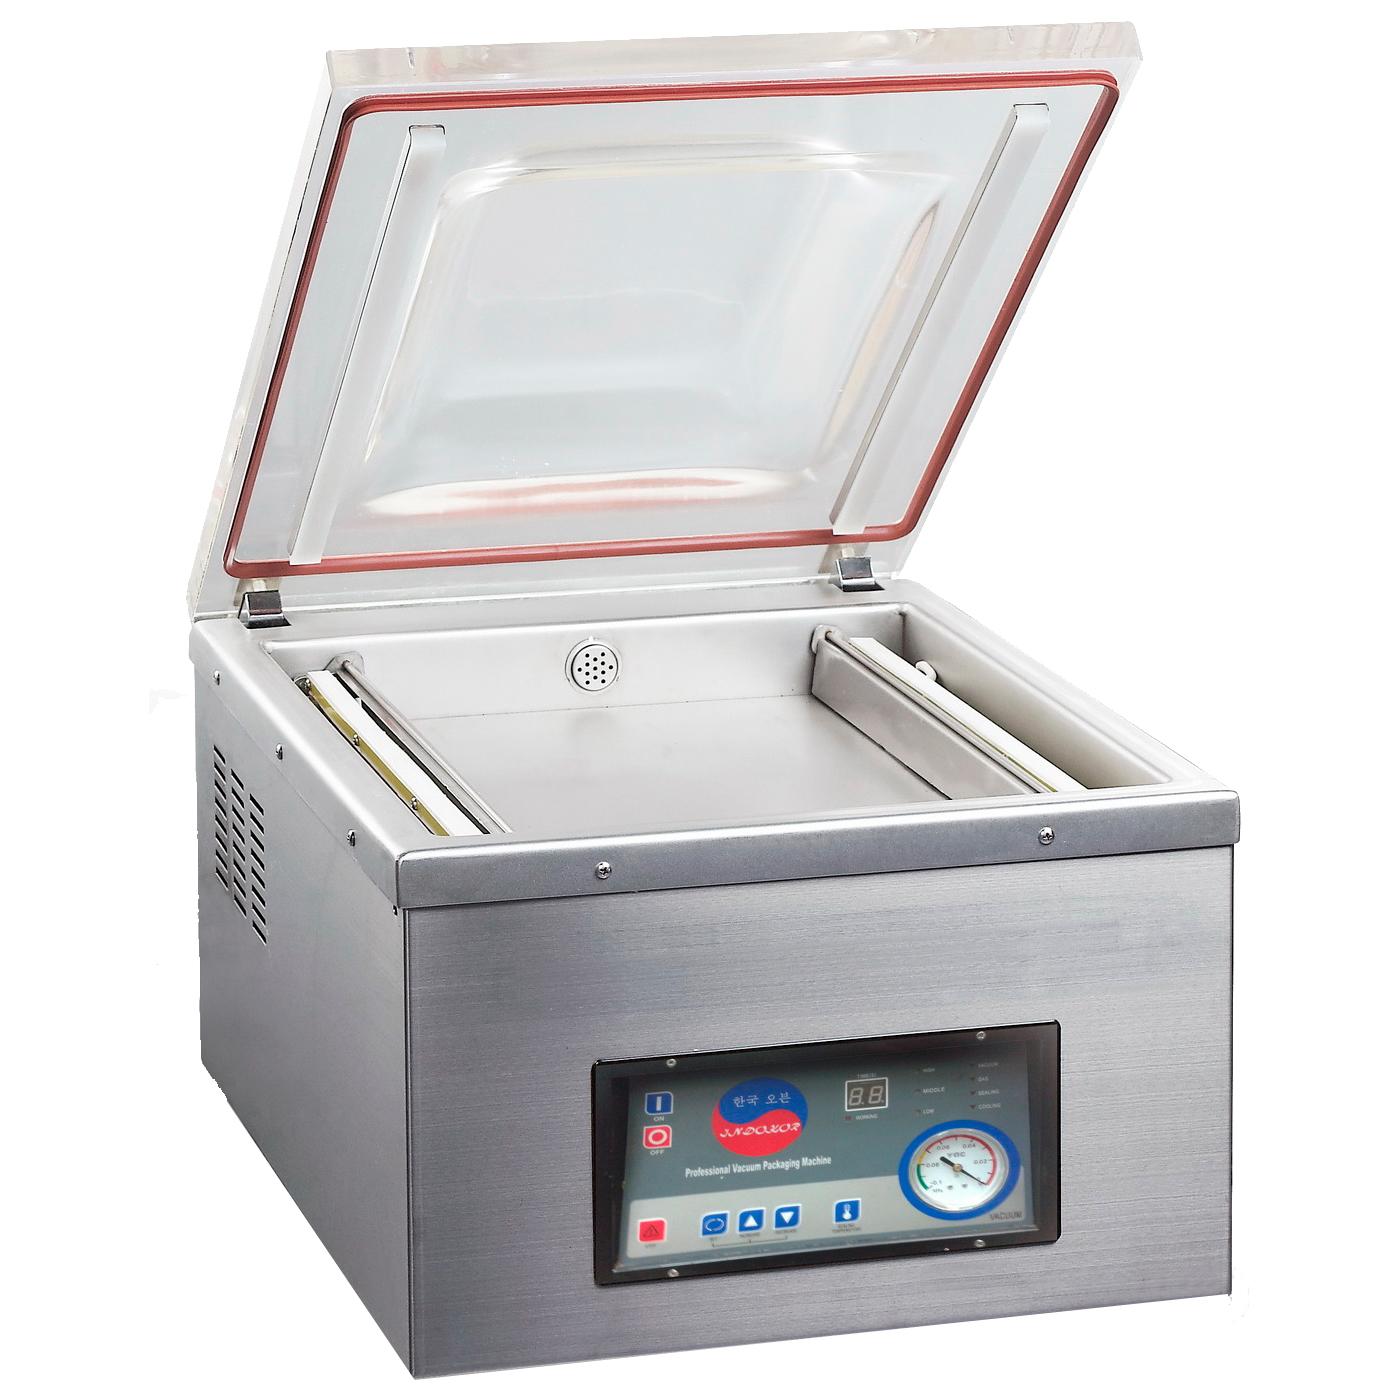 Вакуумный упаковщик INDOKOR IVP-430PT/2 GAS